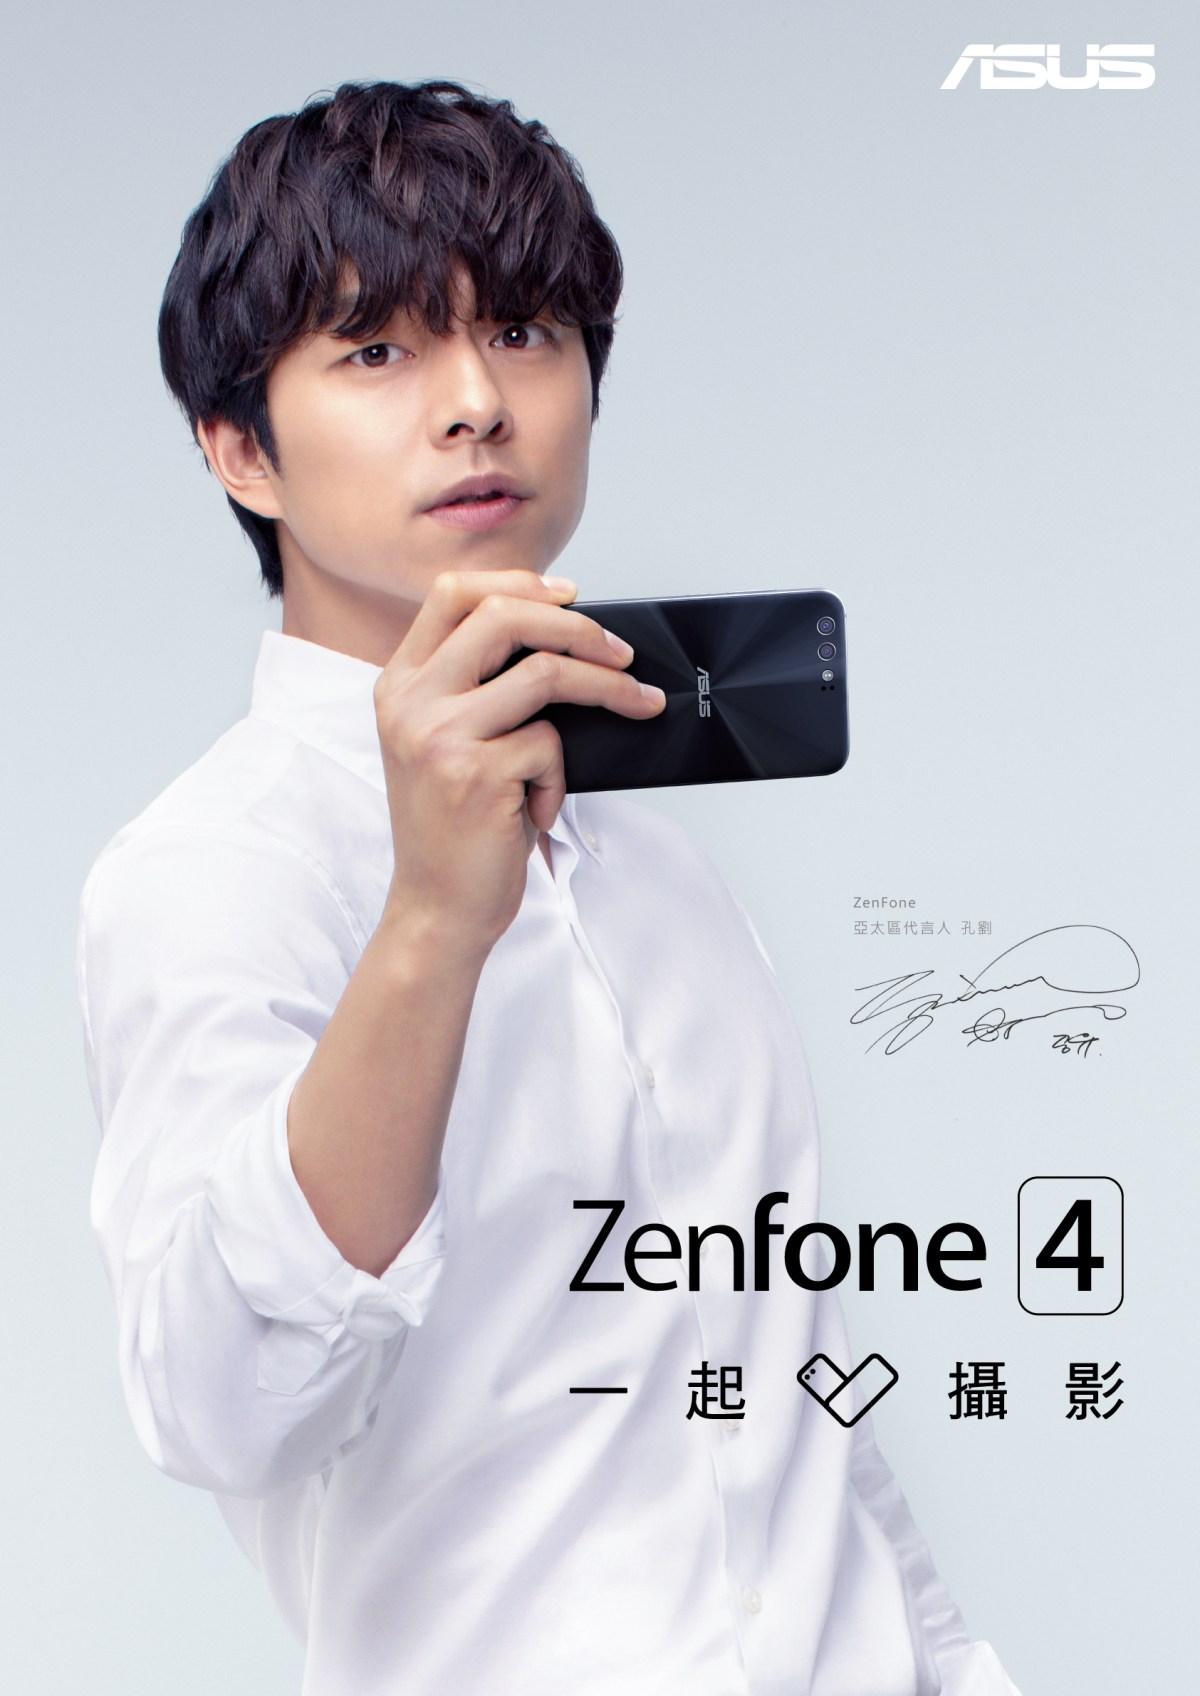 華碩今日宣布由亞洲男神─「孔劉」擔任新一代智慧型手機ASUS-ZenFone-4系列亞太區代言人。.jpg?fit=1200%2C1696&ssl=1